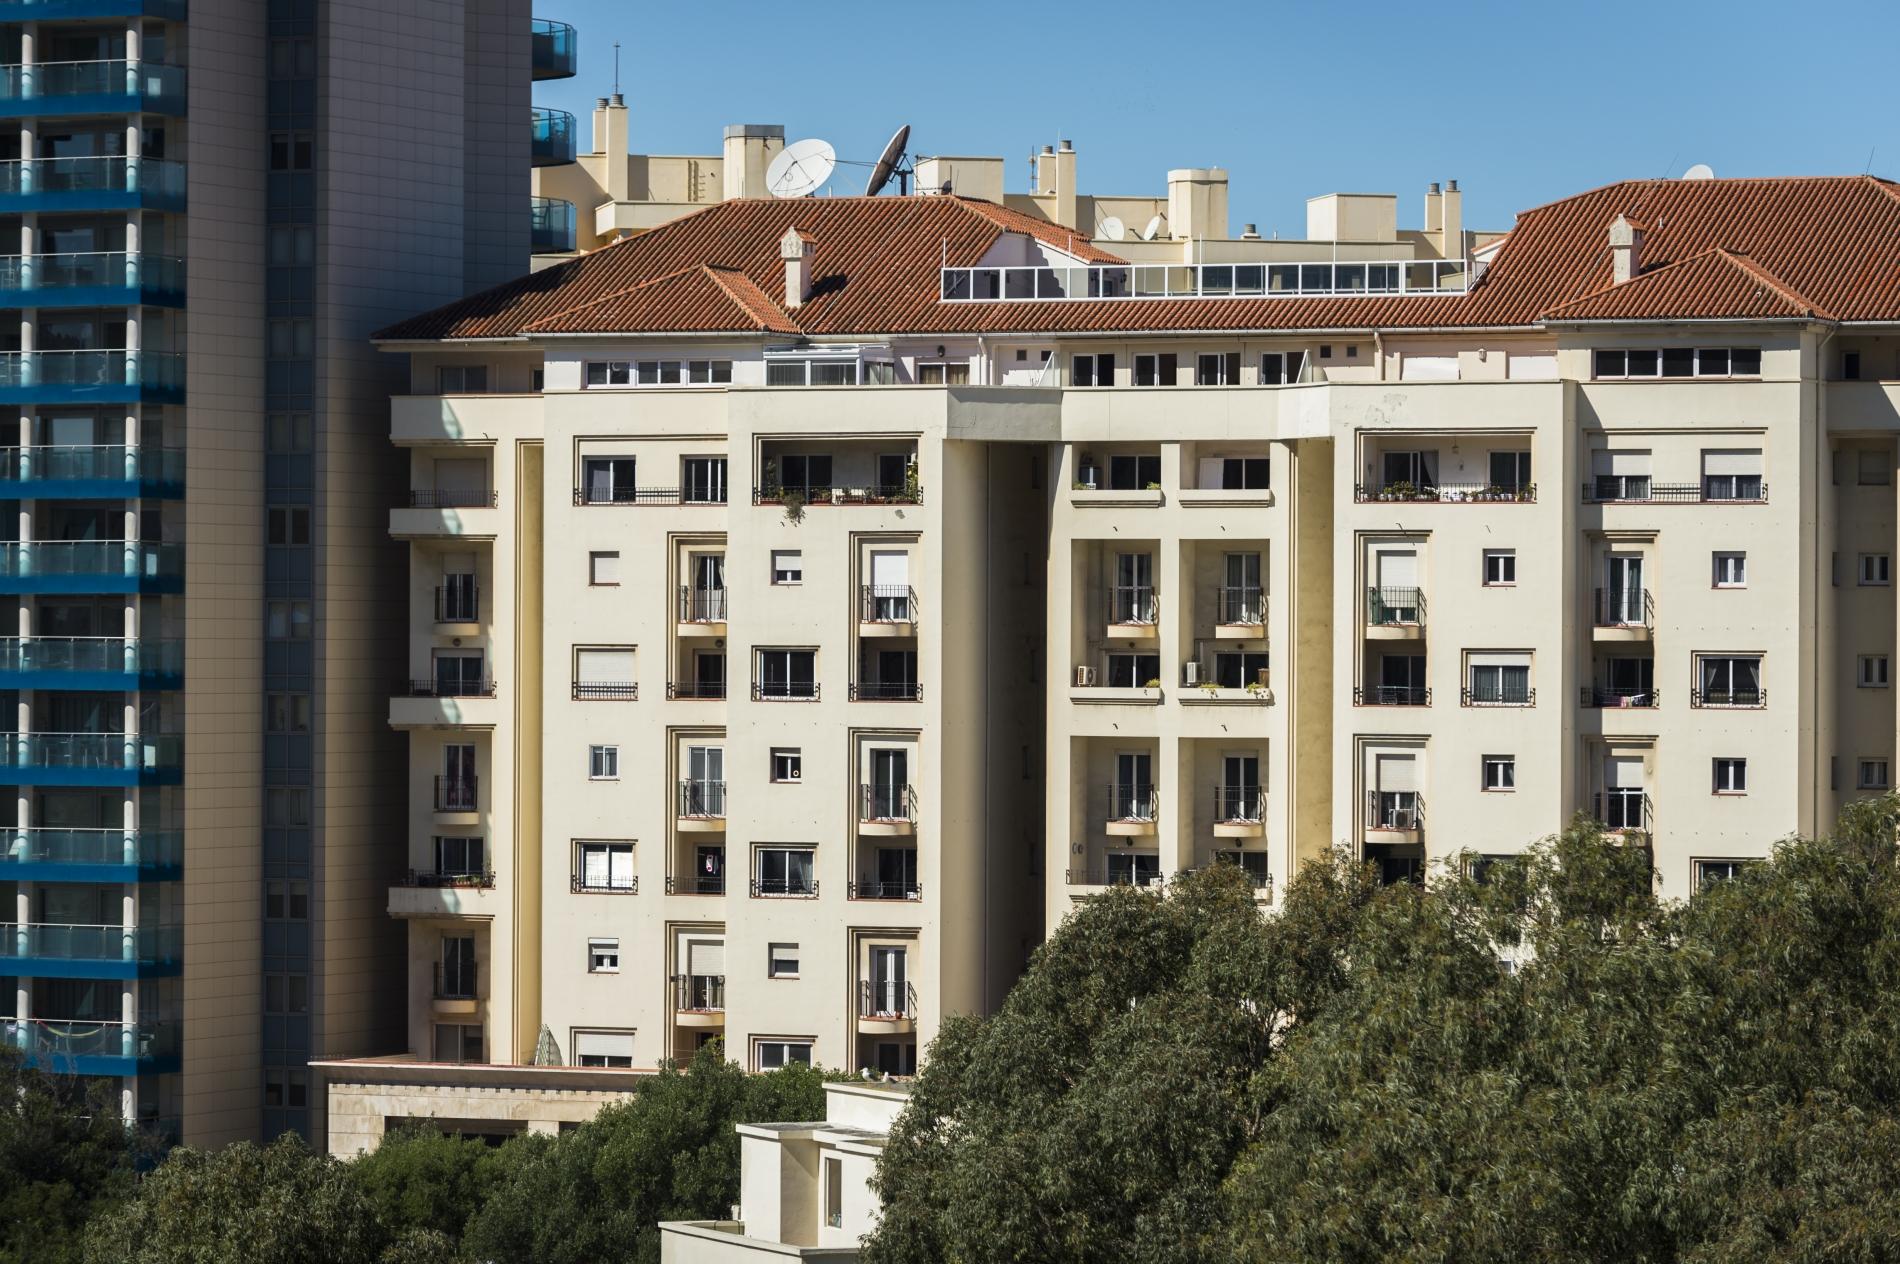 Portland House - Gibraltar